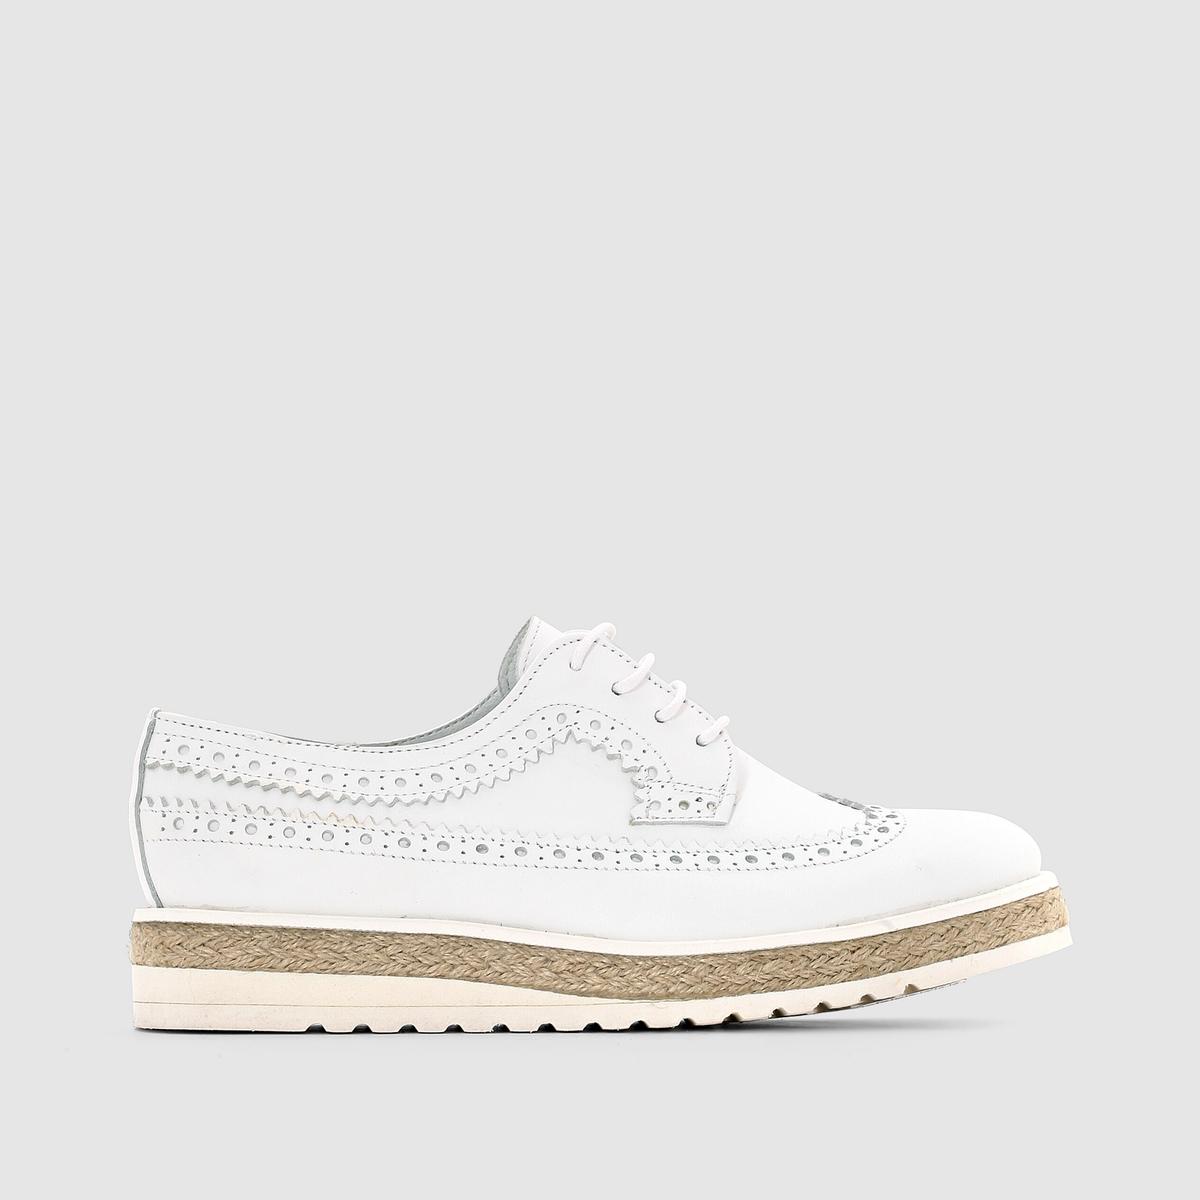 Ботинки-дерби из невыделанной кожи, на шнуровке